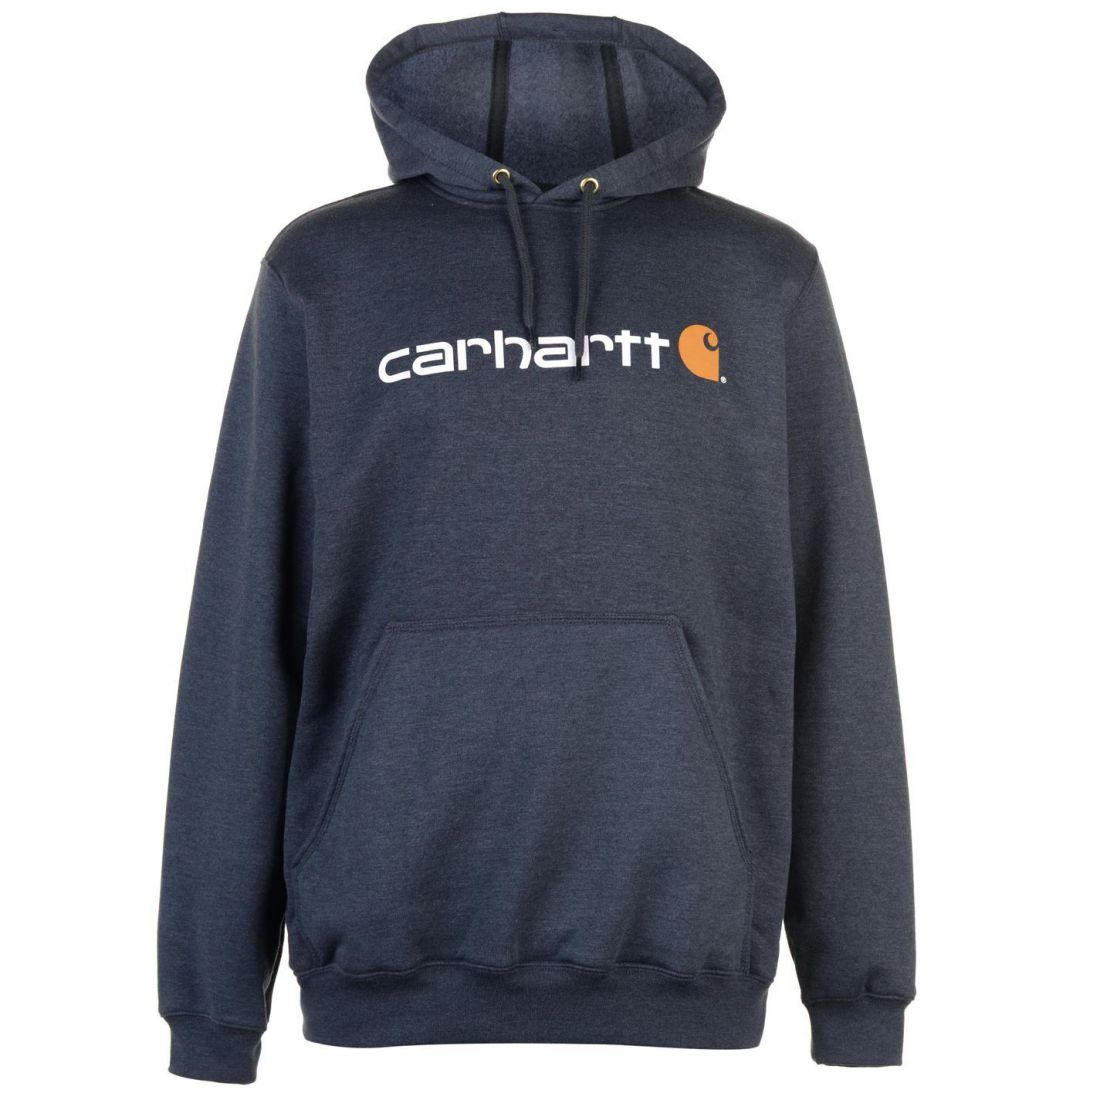 Carhartt Mens Logo Hoodie OTH Hoody Hooded Top